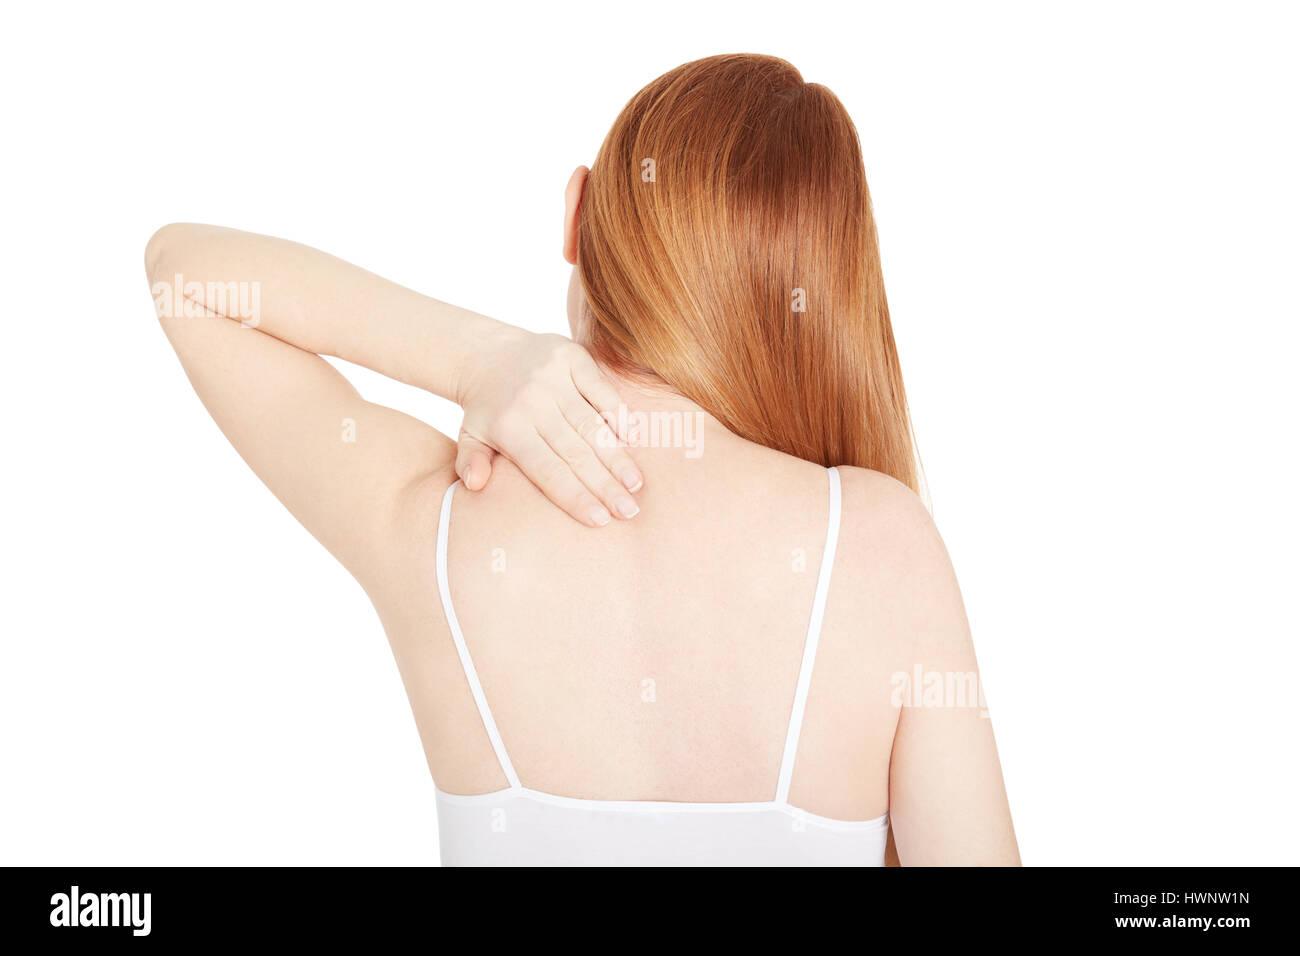 Frau mit Nackenschmerzen, isoliert auf weiss, Ansicht von hinten Schneidepfad Stockbild